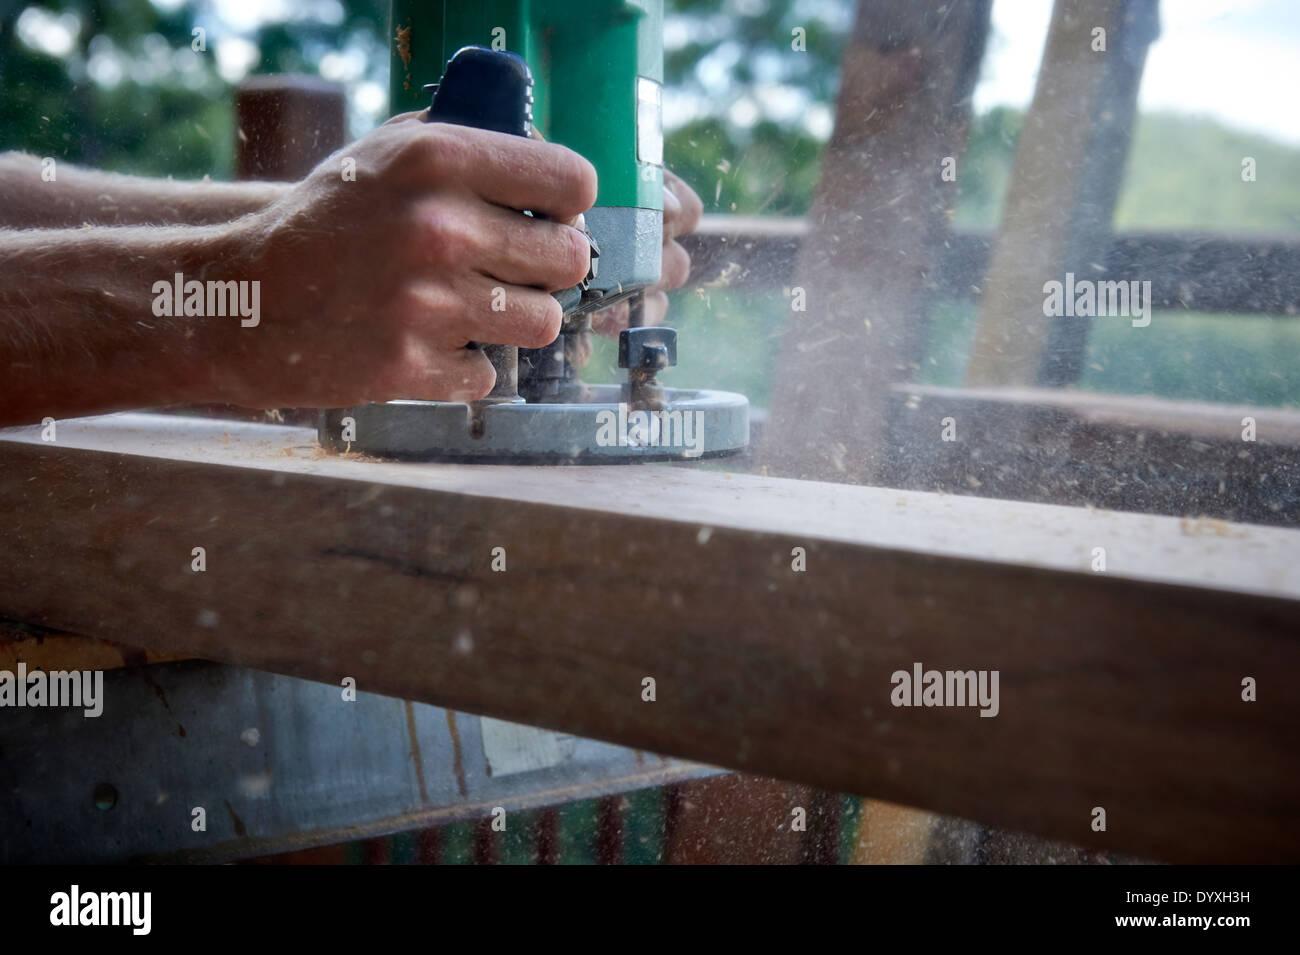 Carpenter using router, Australia - Stock Image